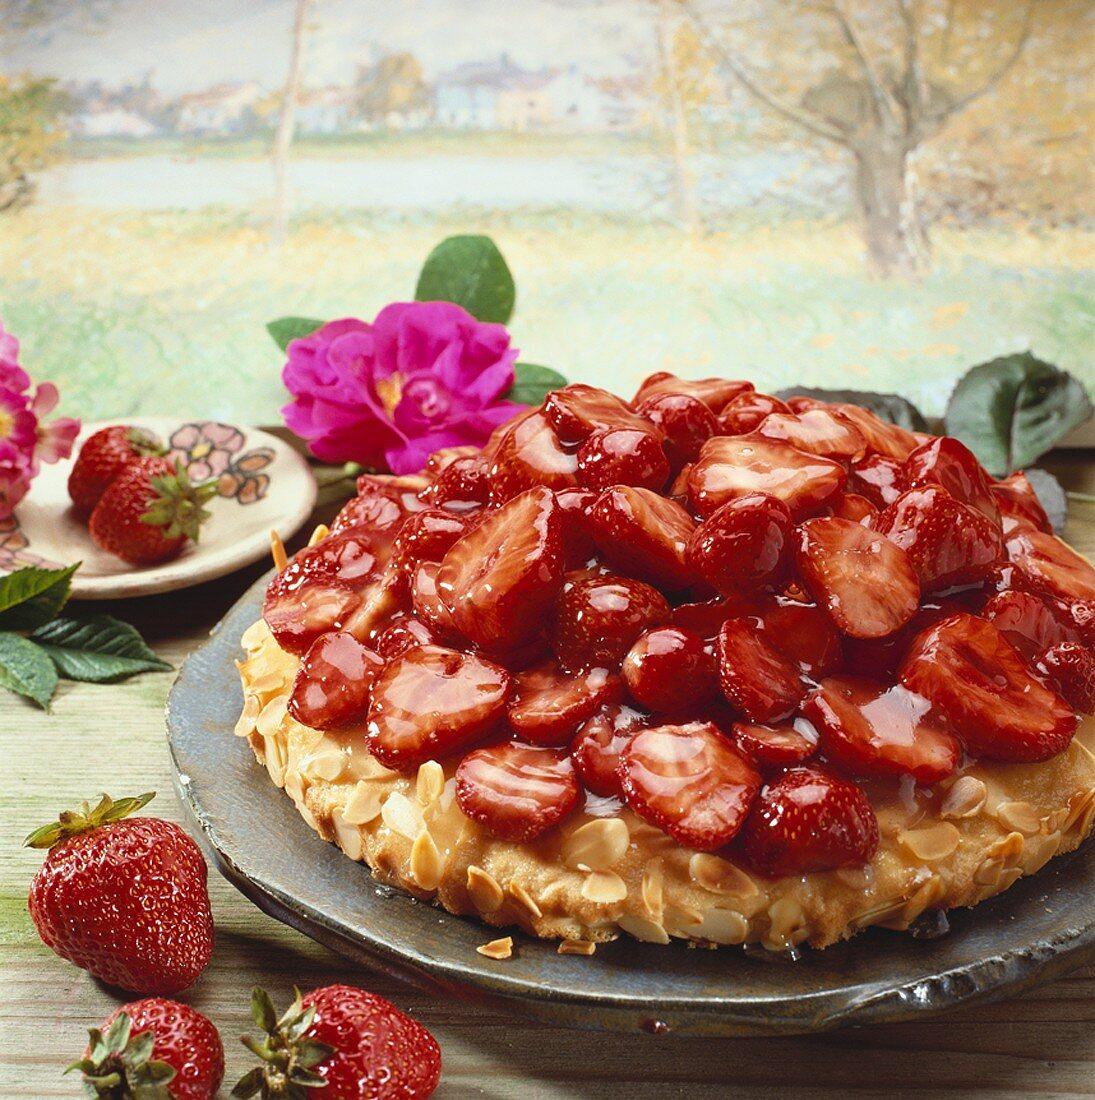 A strawberry torte